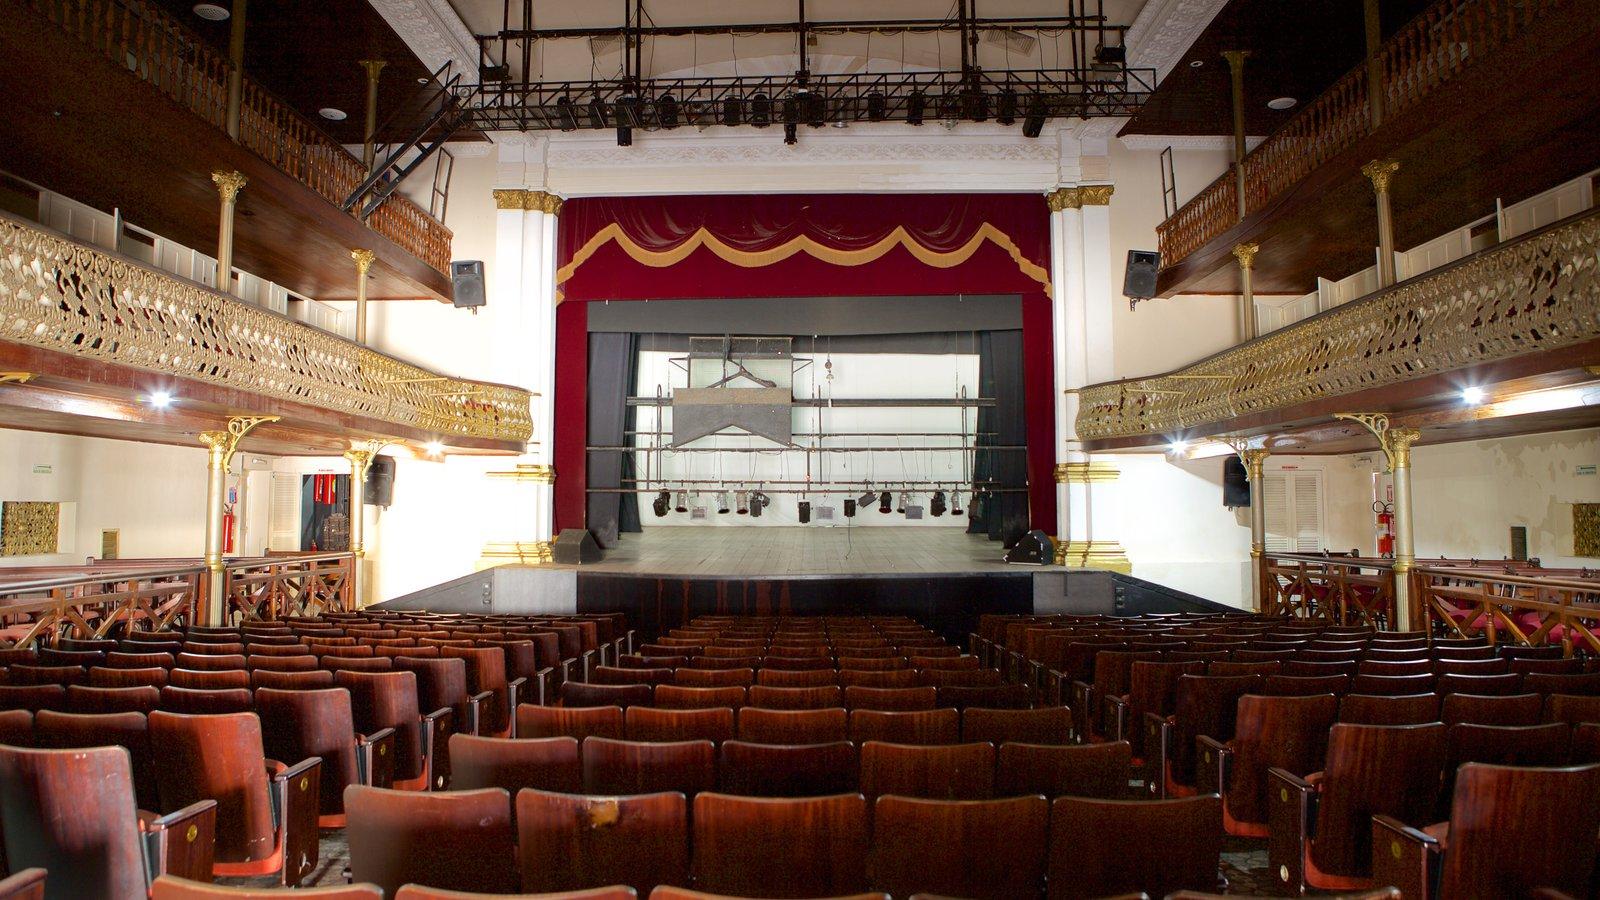 Teatro Alberto Maranhão que inclui cenas de teatro, elementos de patrimônio e vistas internas